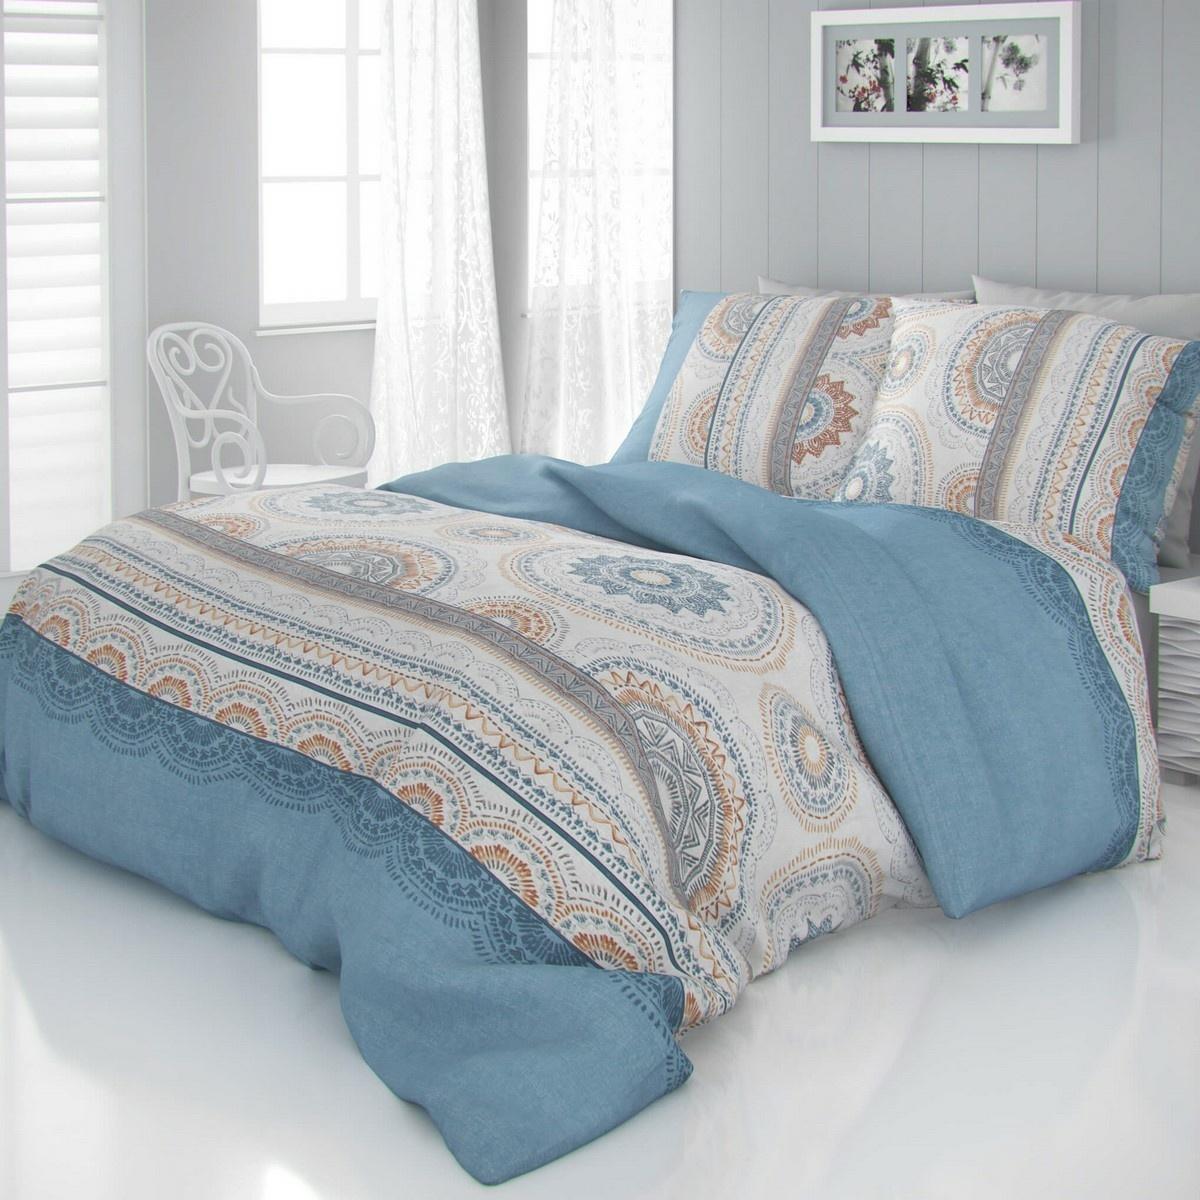 Kvalitex Saténové obliečky Luxury Collection Carmela modrá, 140 x 220 cm, 70 x 90 cm